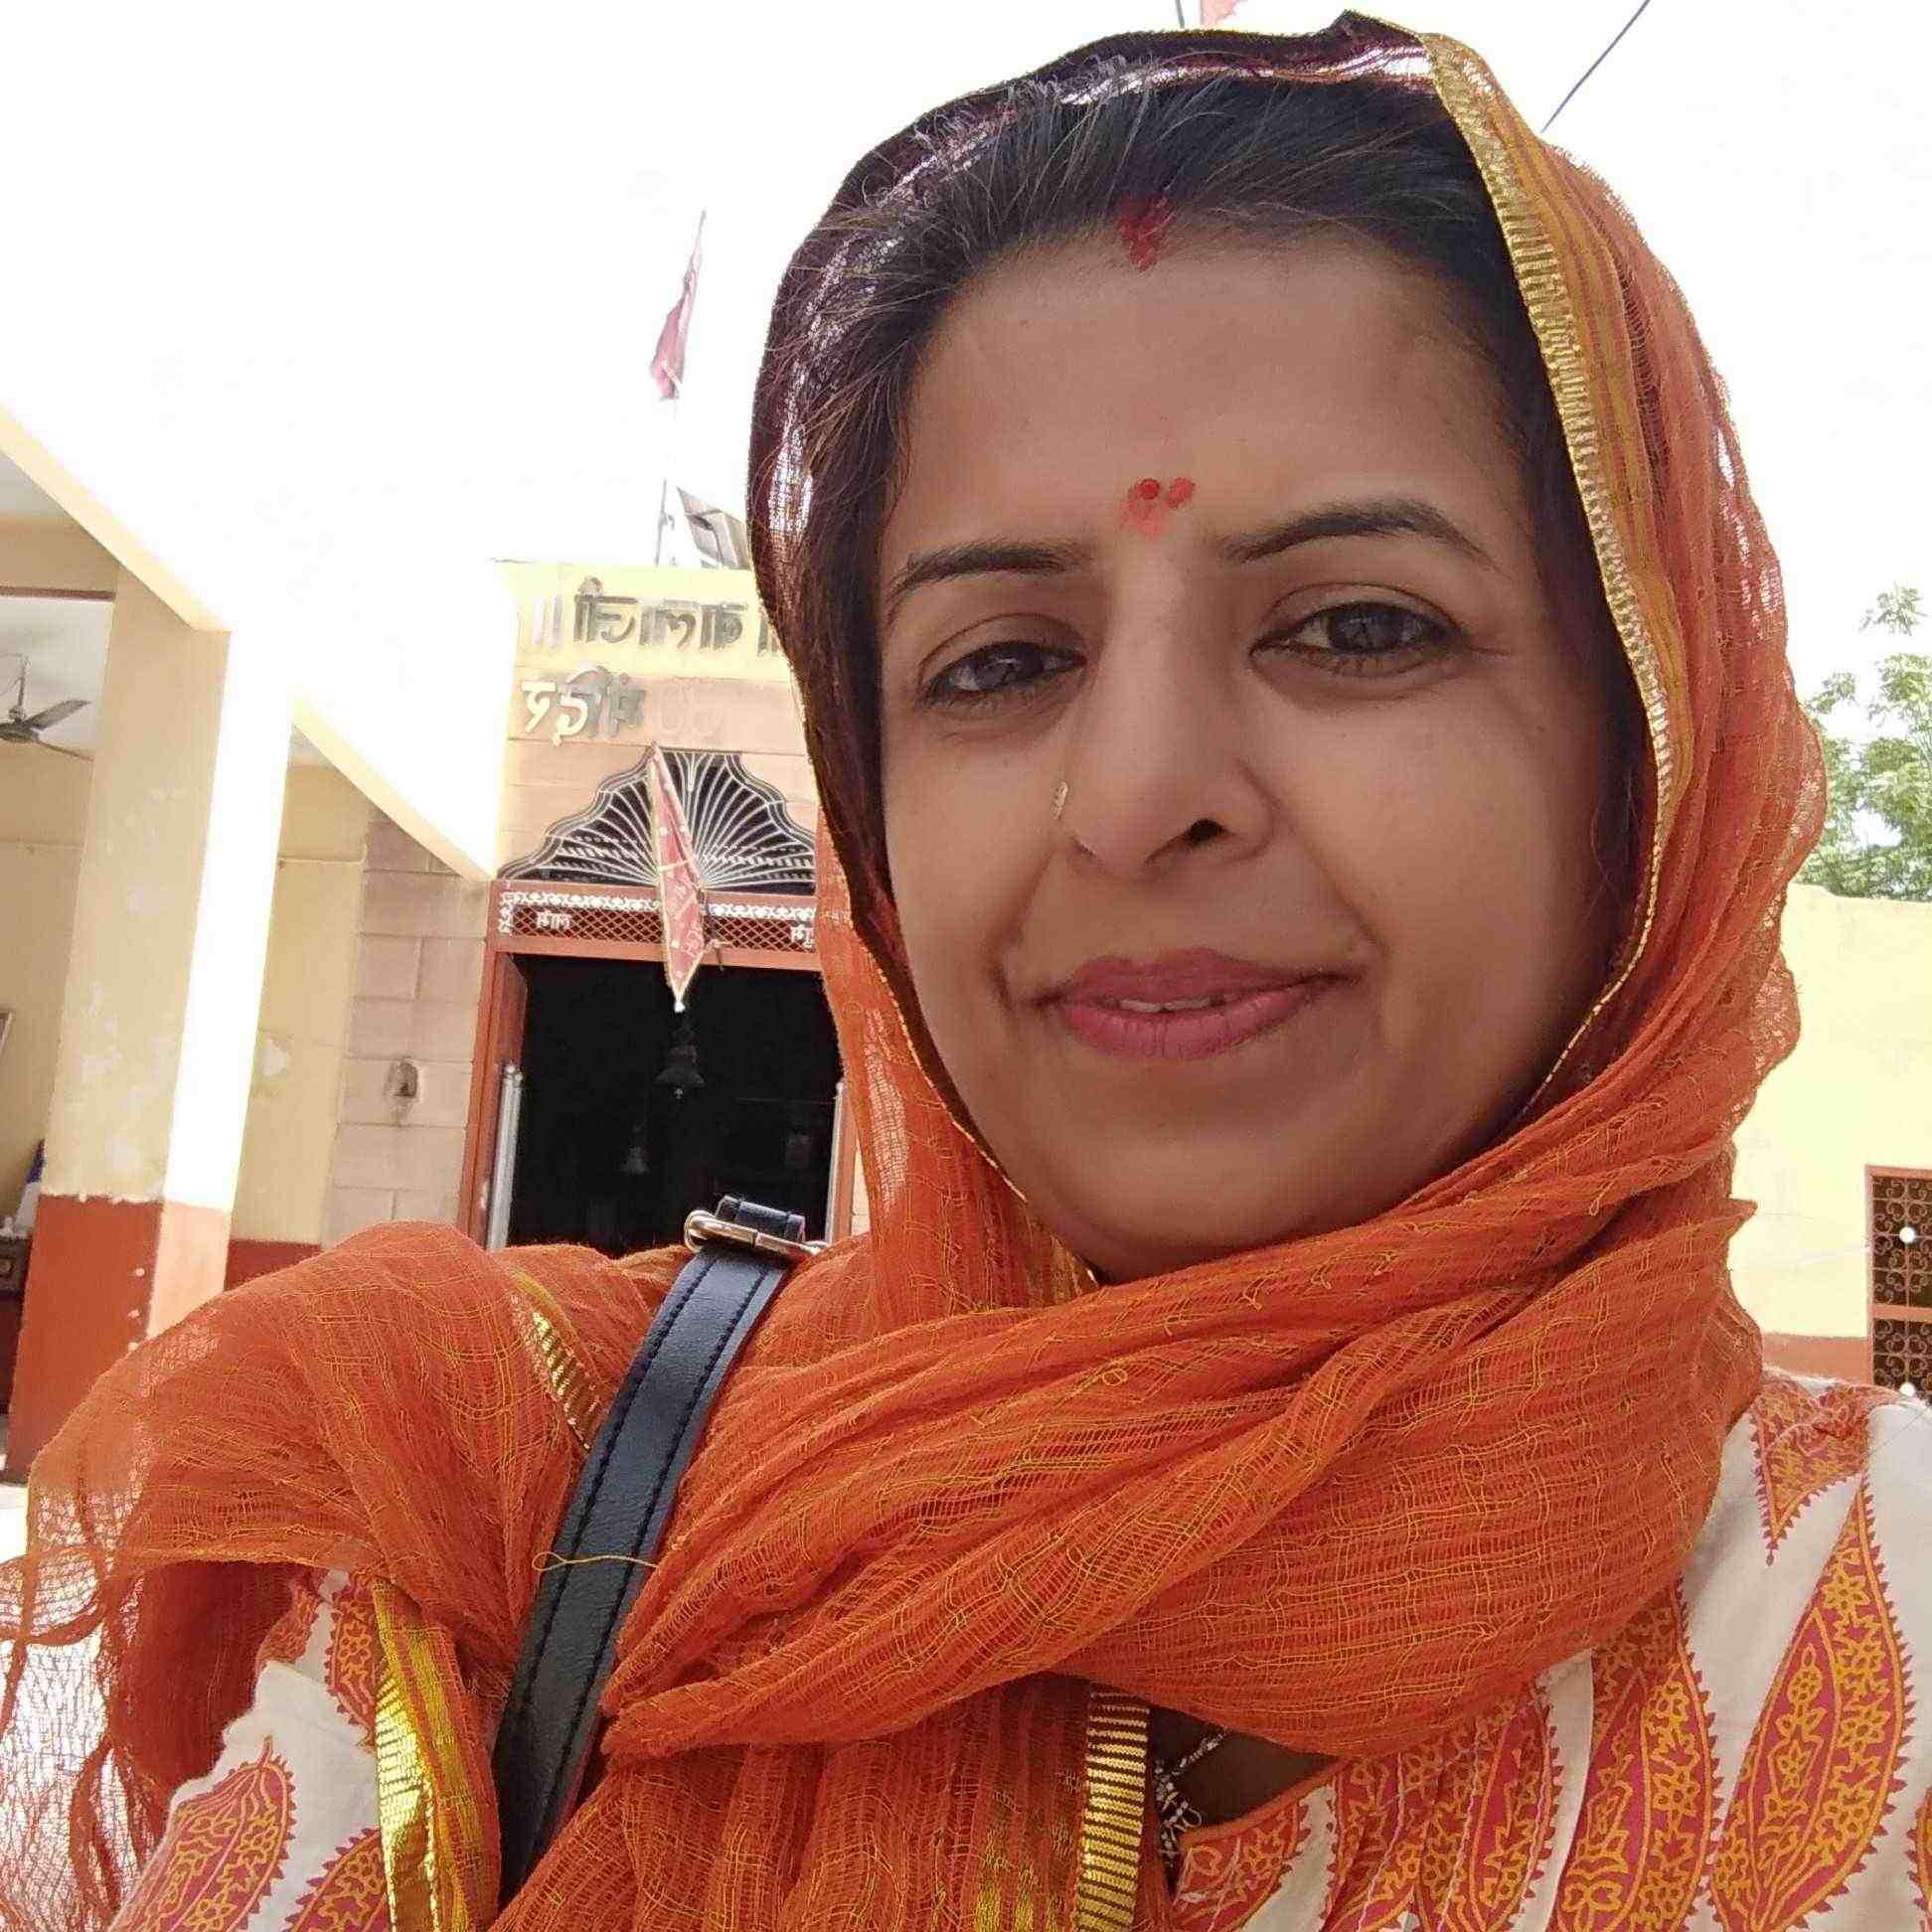 Sunita Sharma  दोस्ती है मेरी खुद से..  दामन को हर्ष से भरती हूँ,  जिन्दगी के हर रंग से..  शब्दों की कशीदाकारी करती हूँ,  जुगनू से चमकते एहसासों से..  पन्नो को सवारती हूँ।